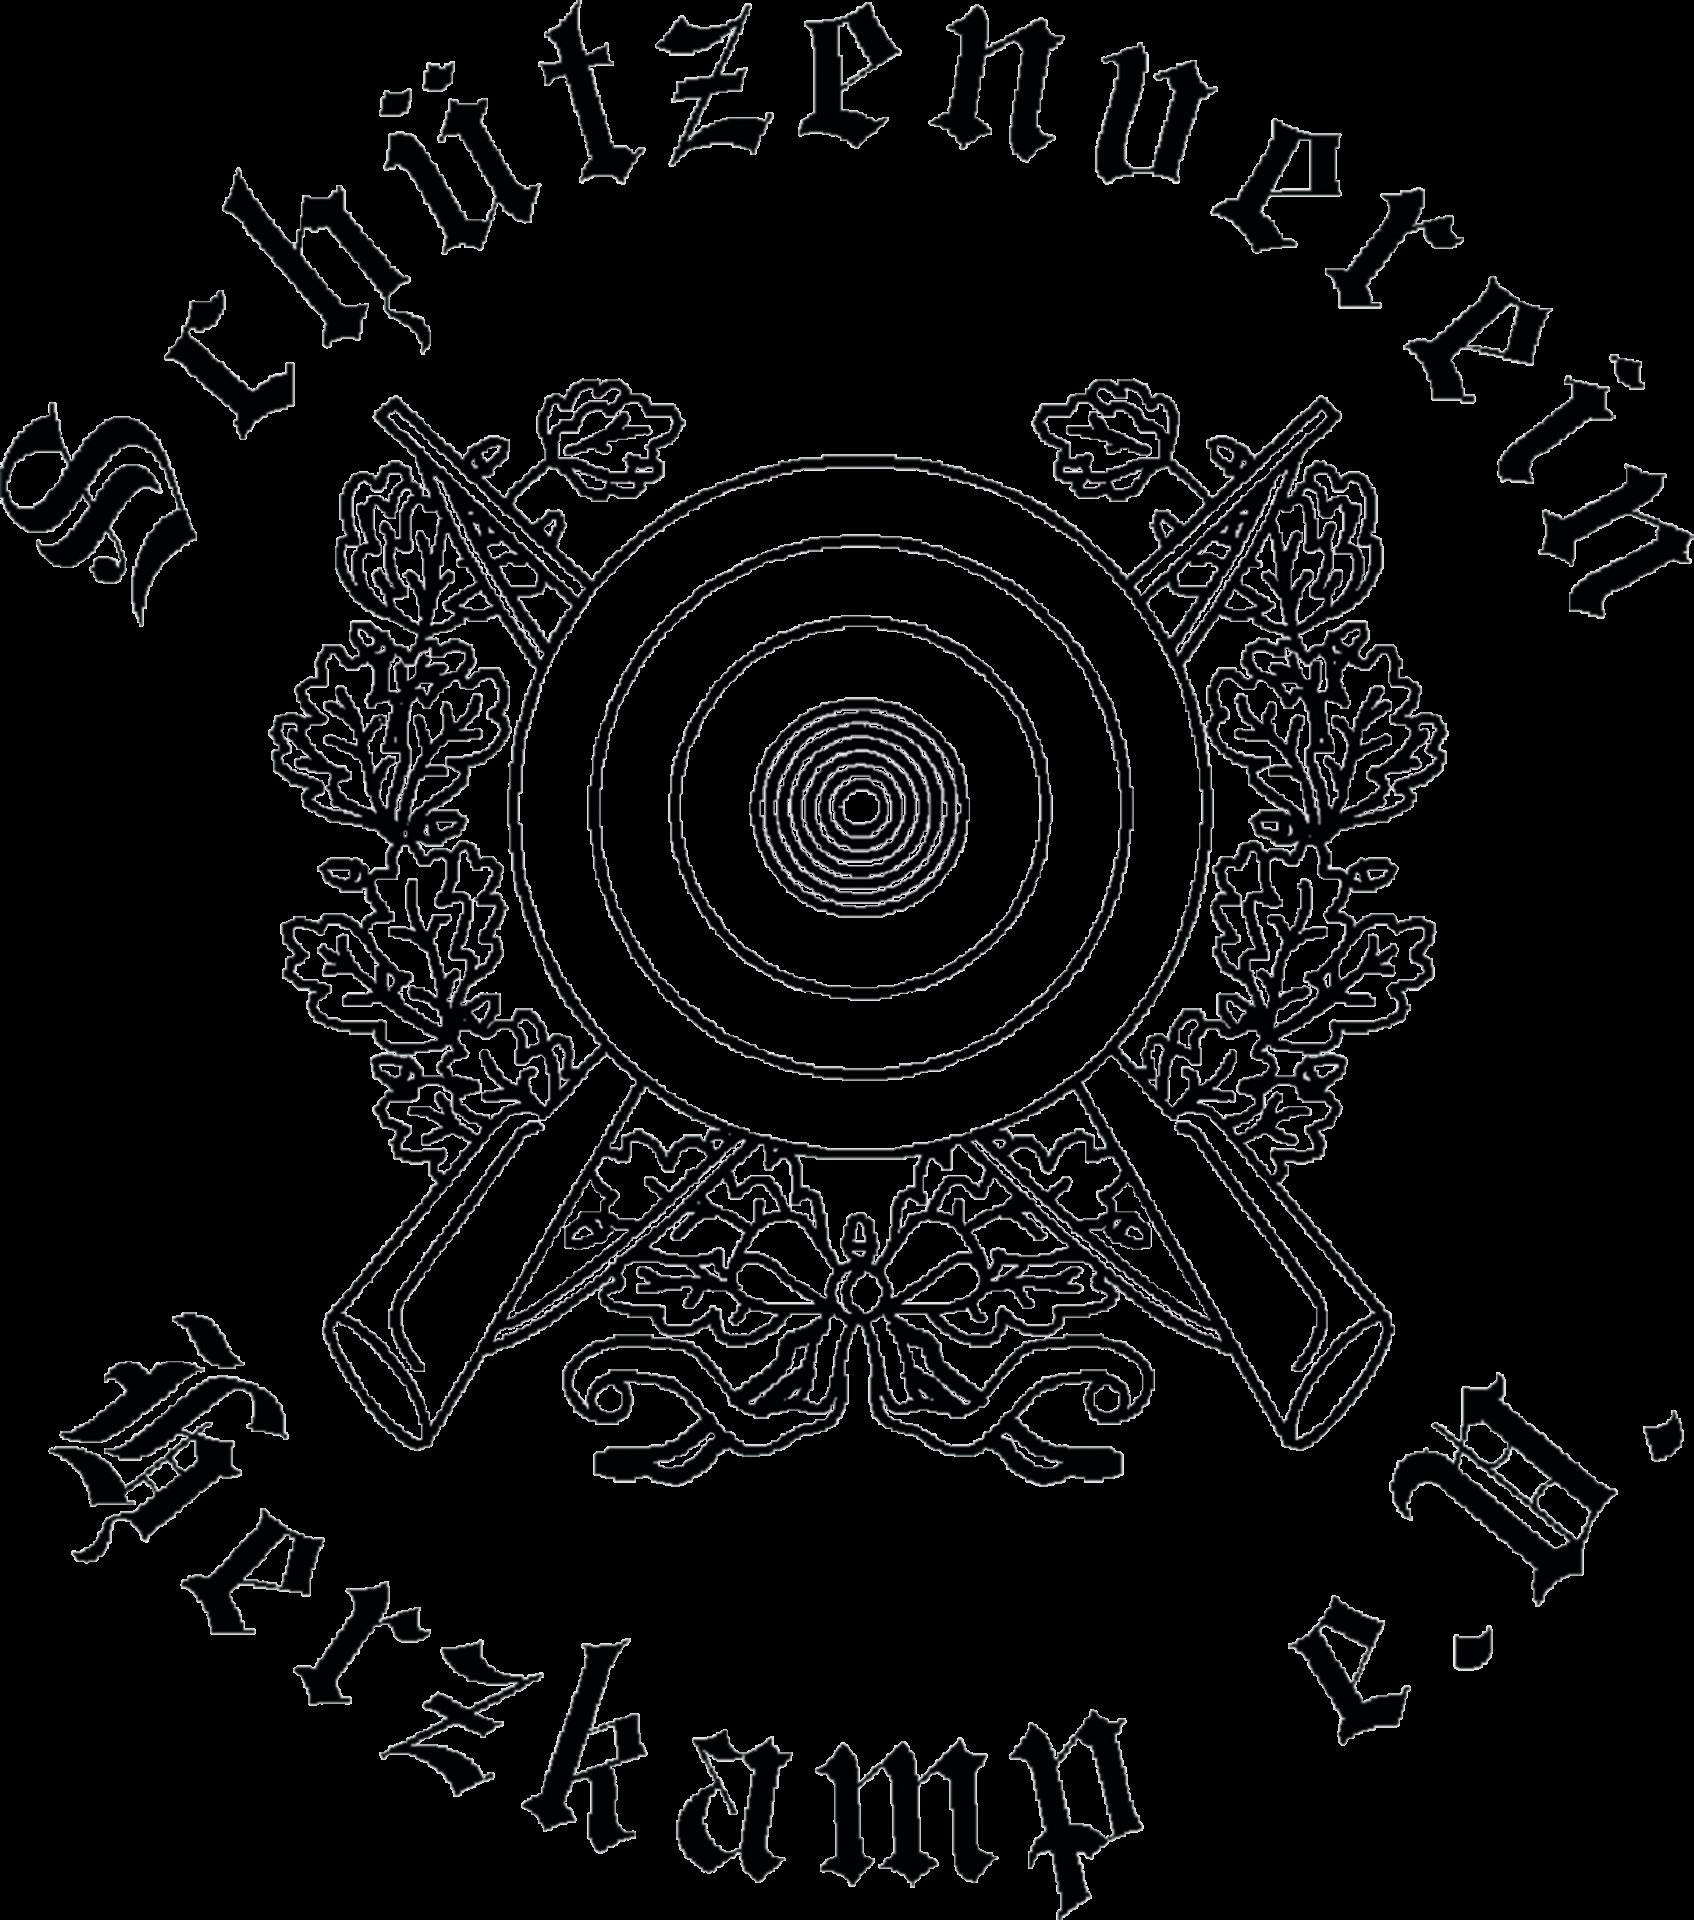 SV Herzkamp